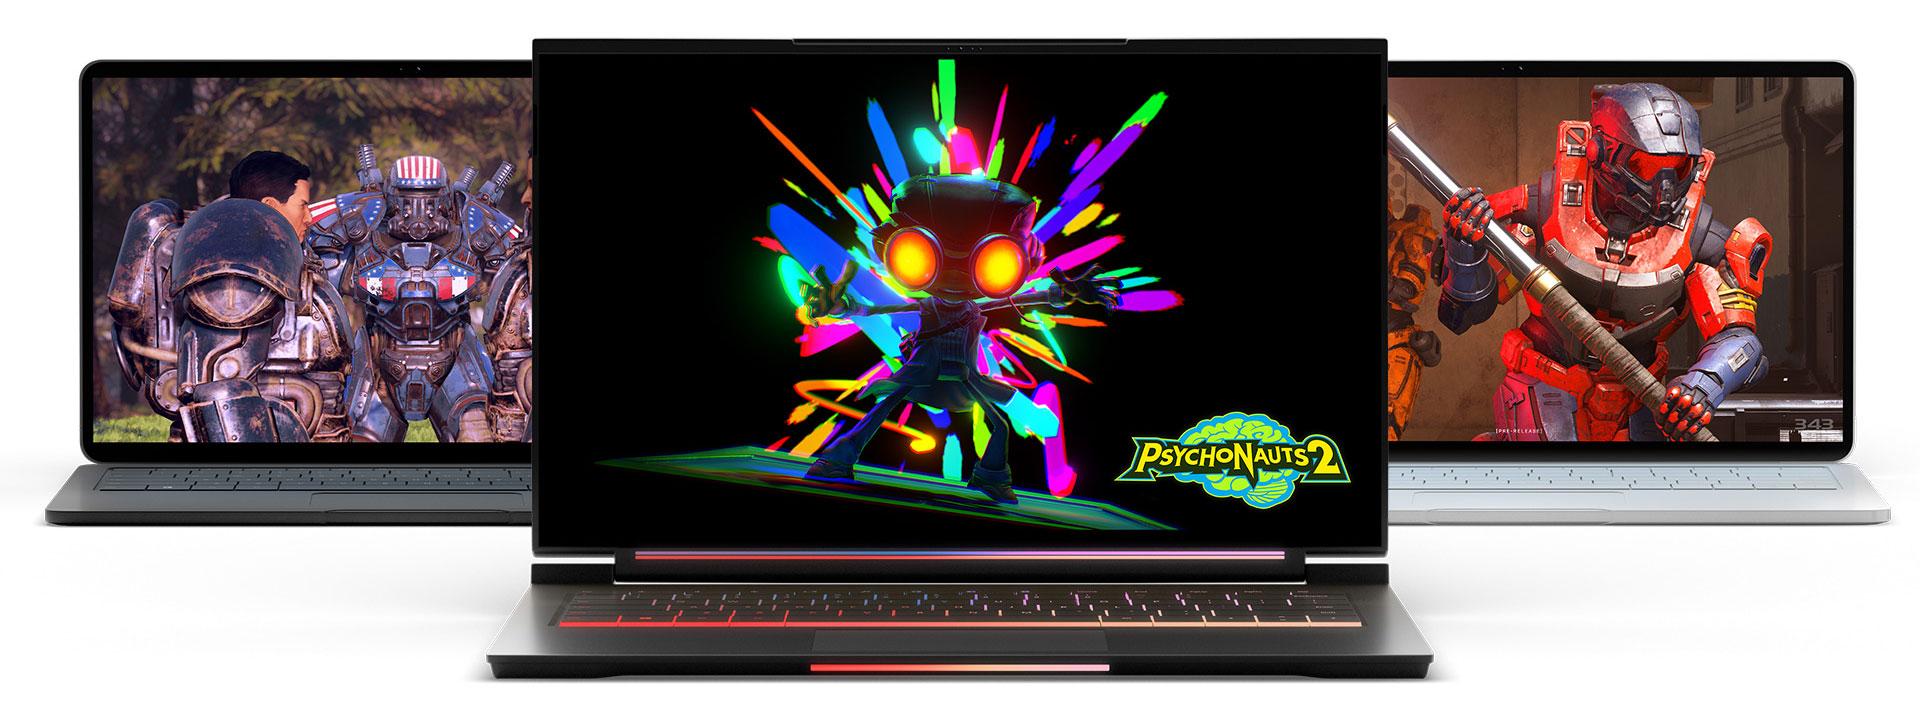 3 台畫面顯示視訊遊戲的筆記型電腦